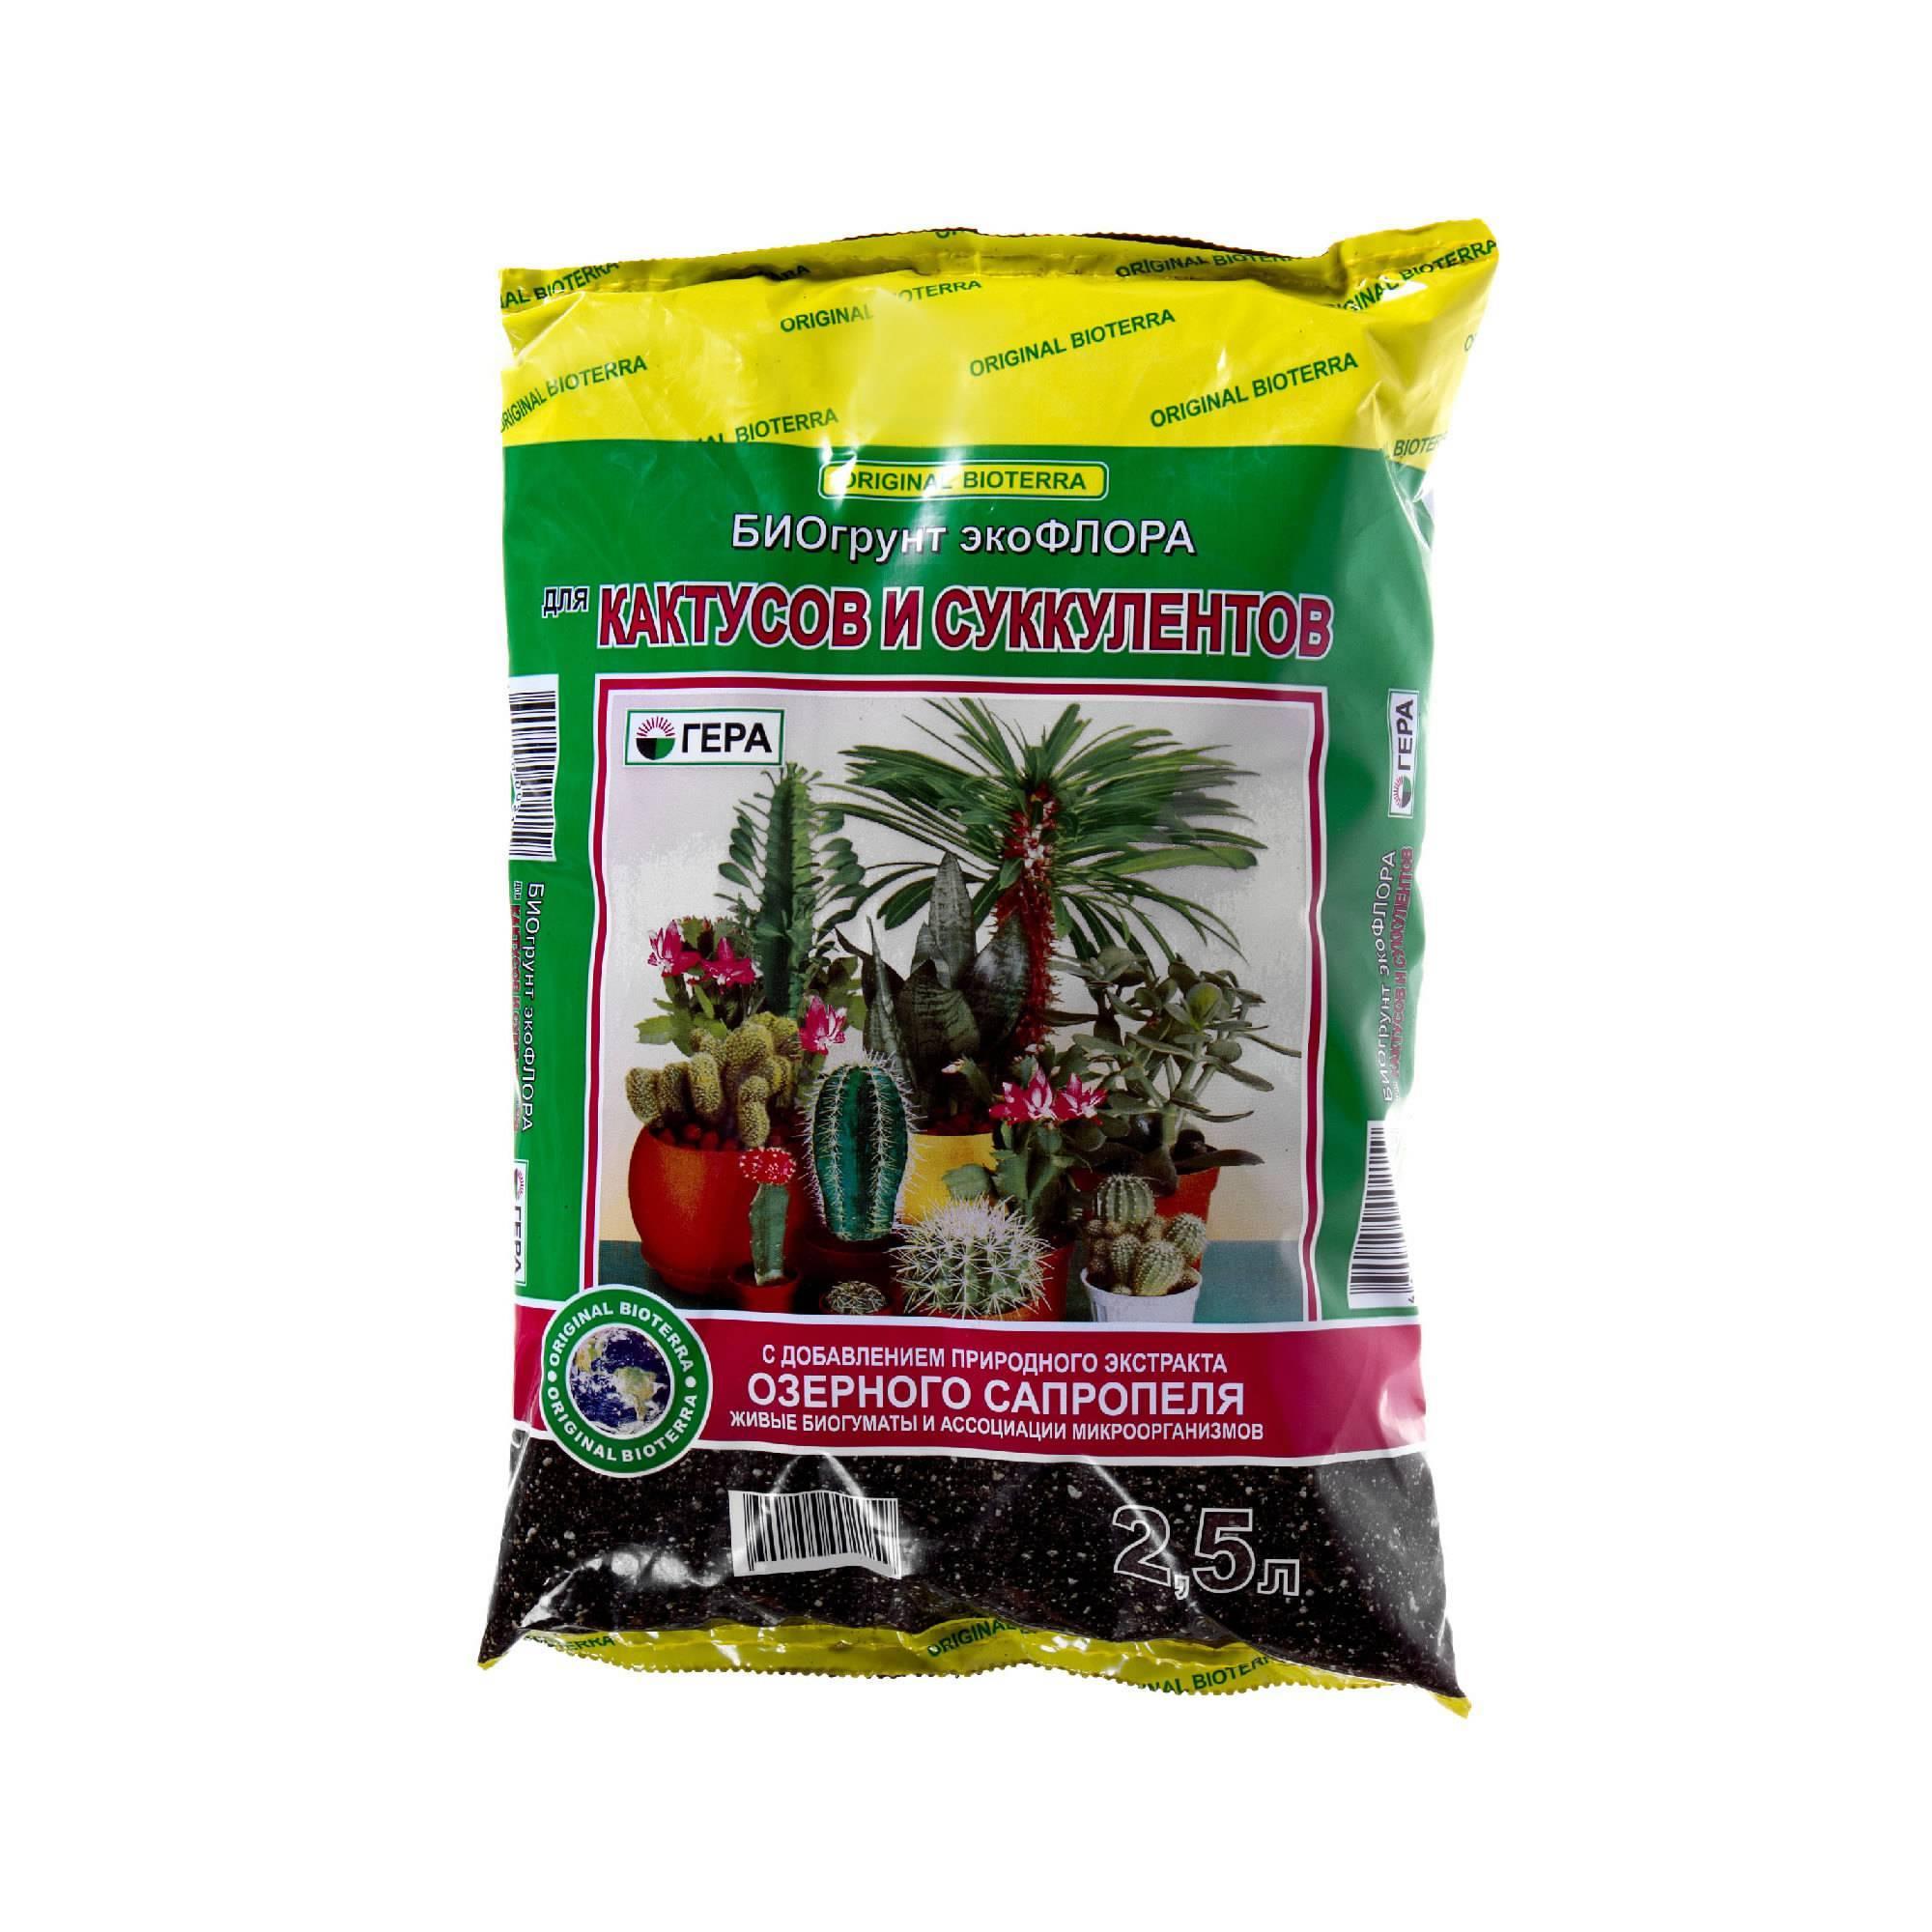 Пушистый кактус: как называется и варианты ухода